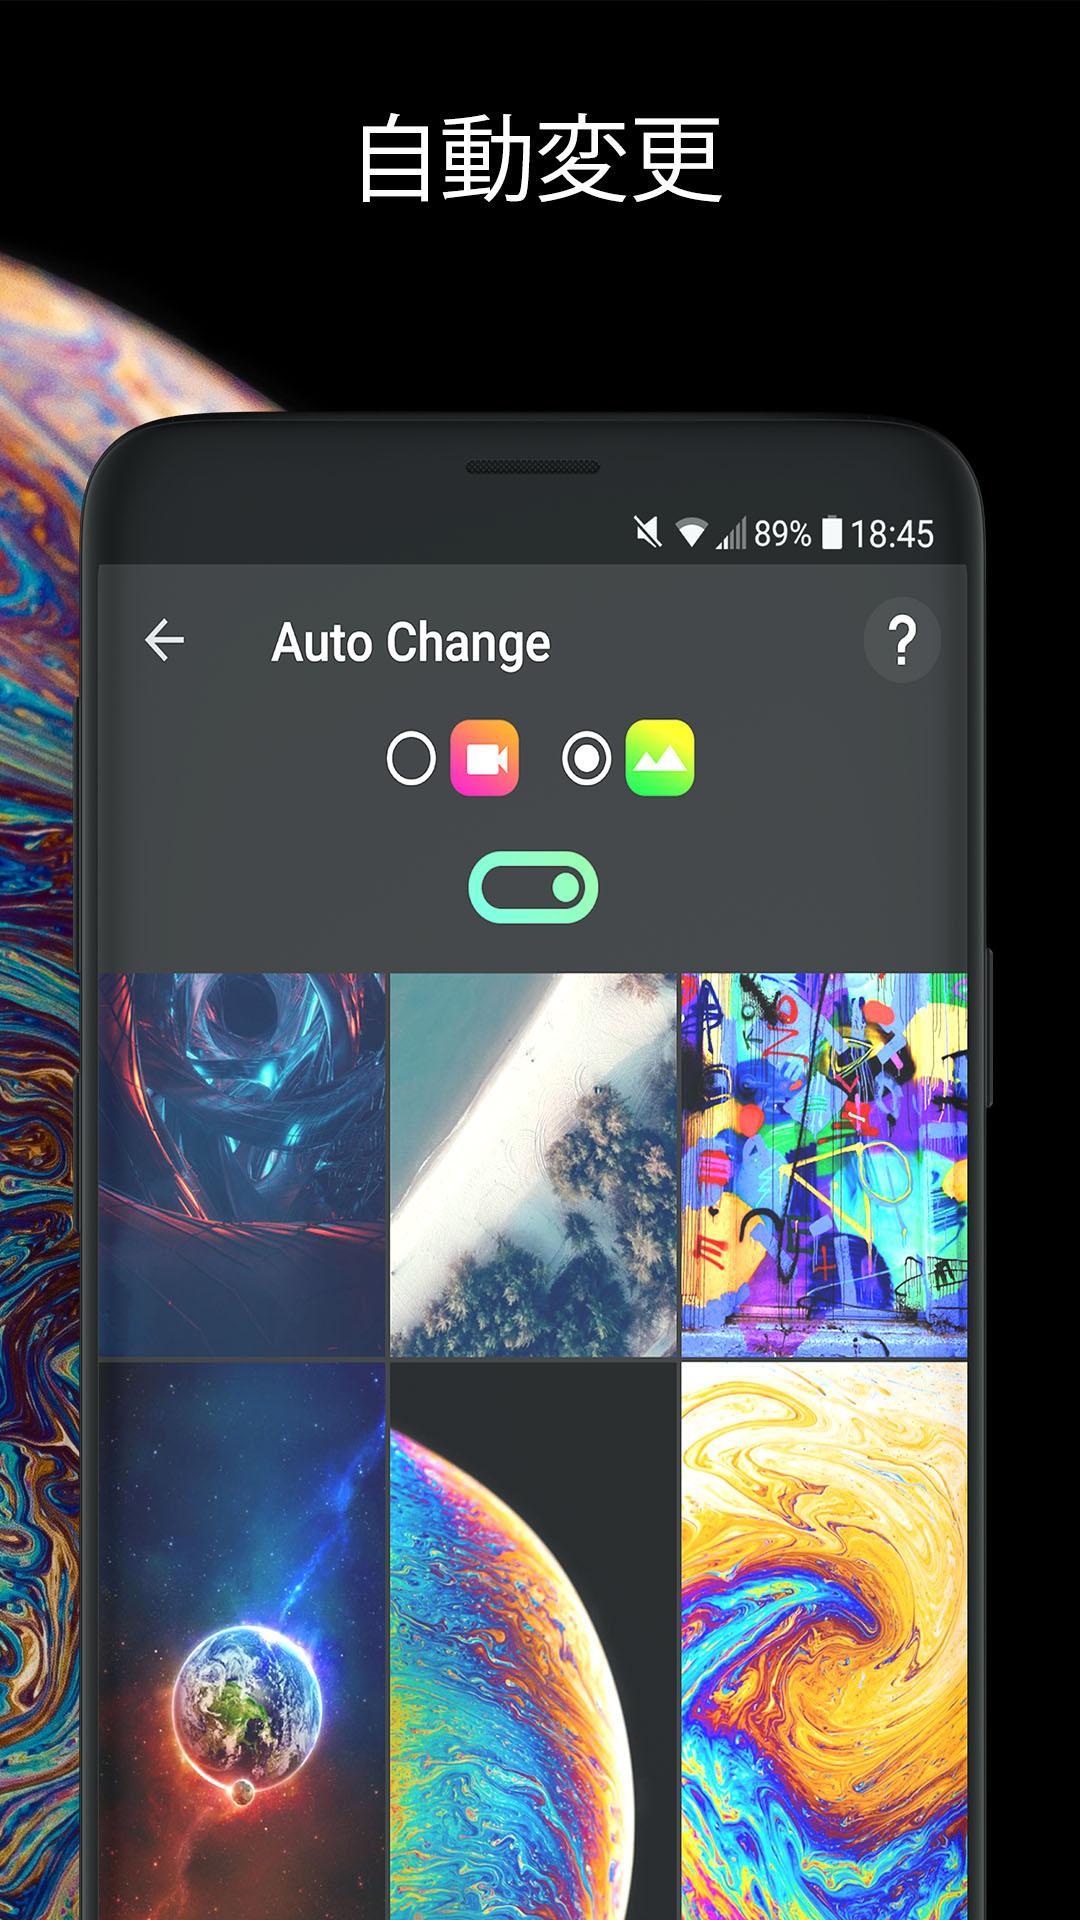 無料で ライブ壁紙 着信音 Walloop Engine アプリの最新版 Apk6 7をダウンロードー Android用 ライブ壁紙 着信音 Walloop Engine Apk の最新バージョンをダウンロード Apkfab Com Jp